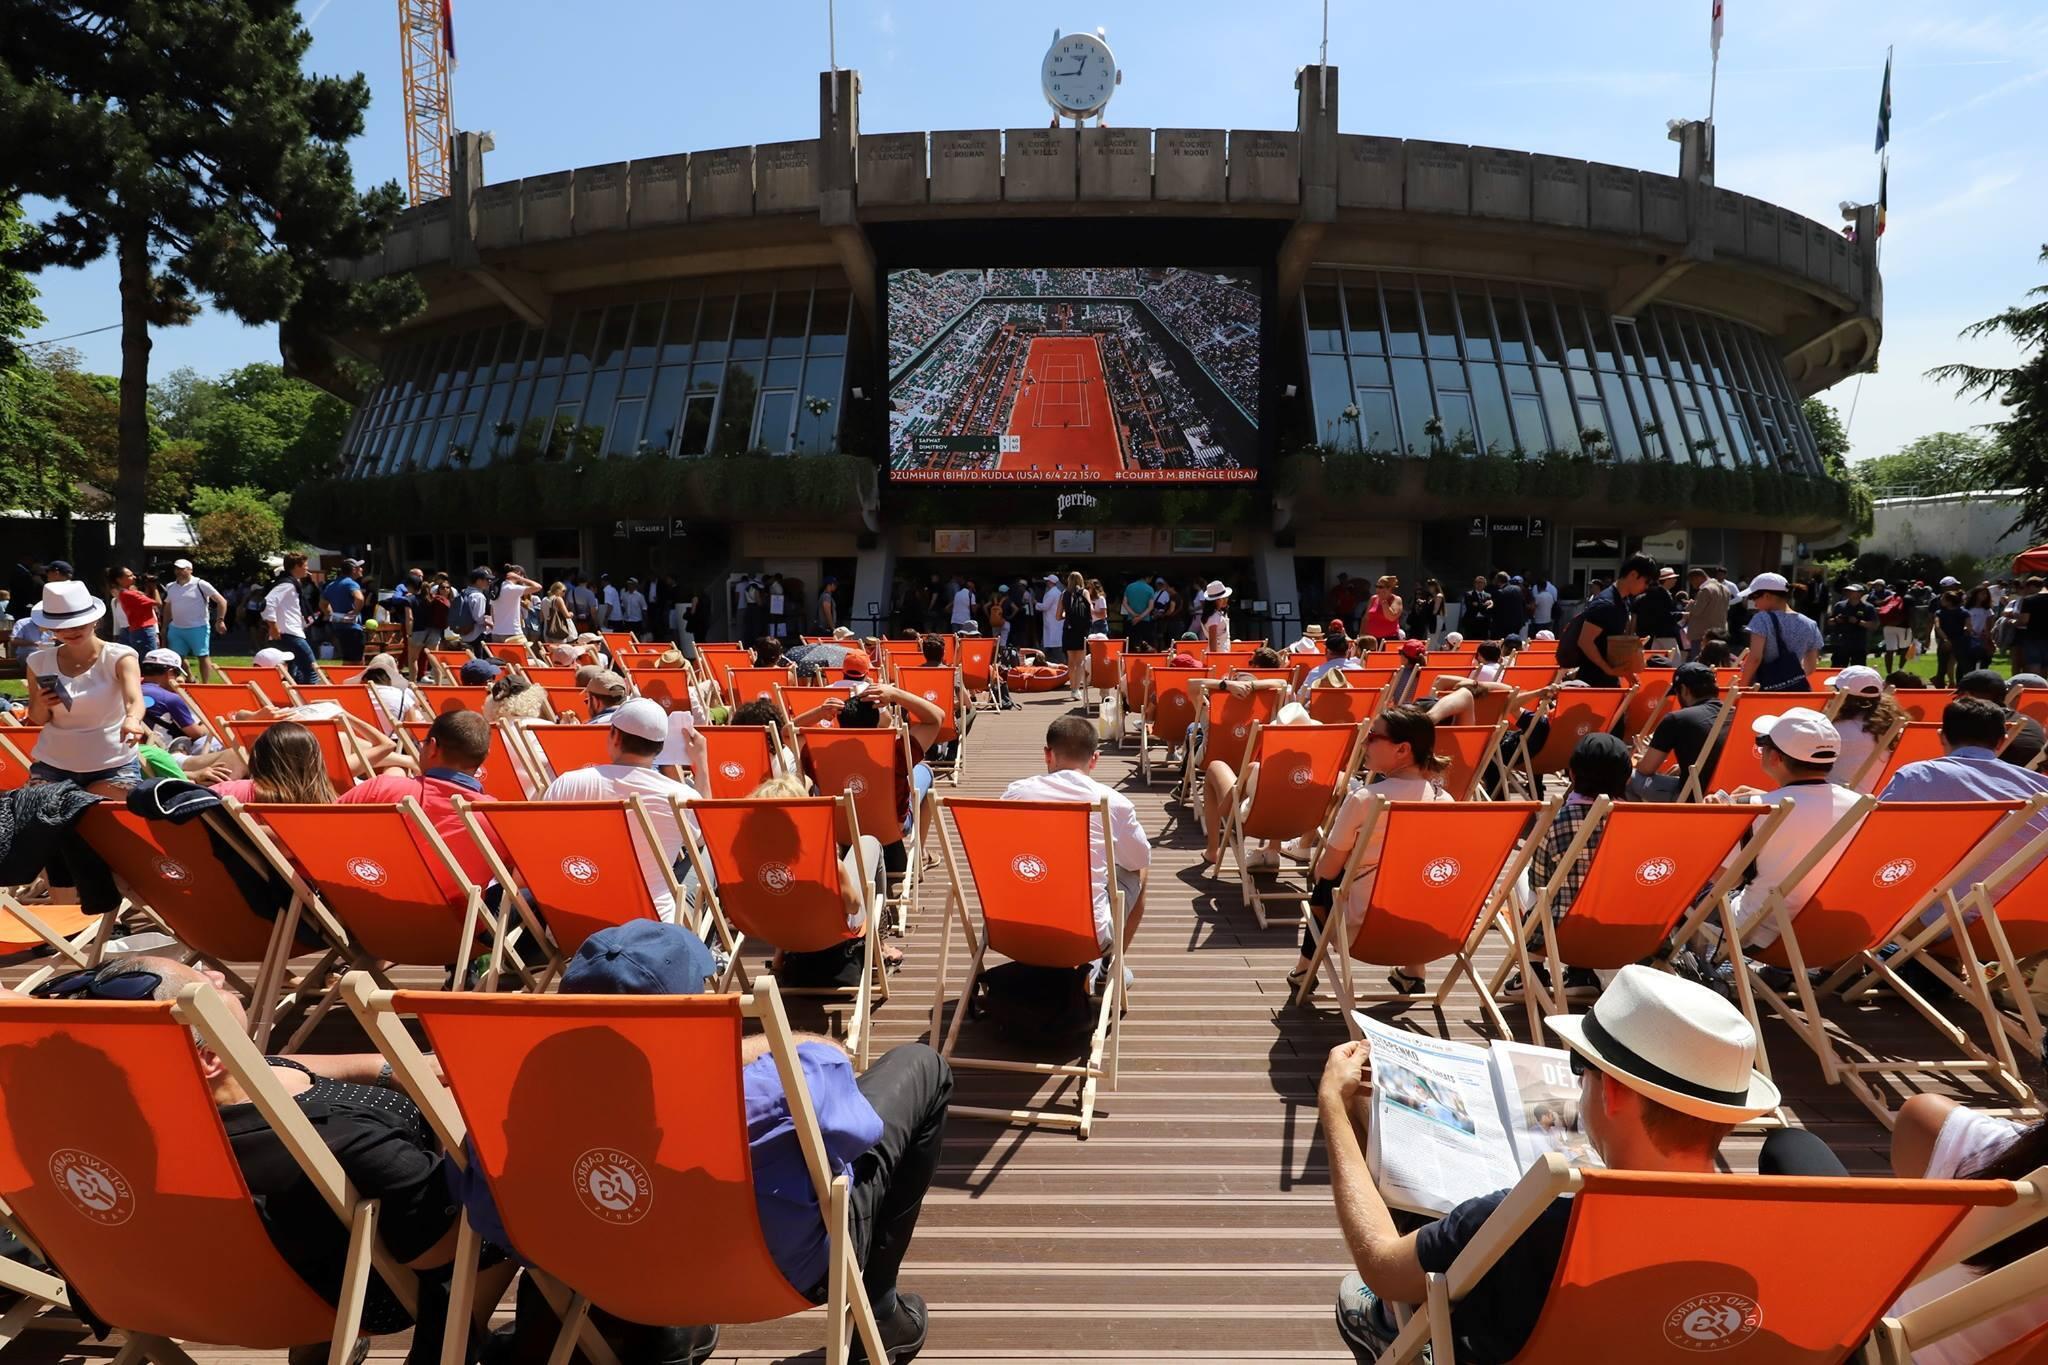 Открытый чемпионат Франции потеннису пройдет в Париже с 20 мая по 9 июня